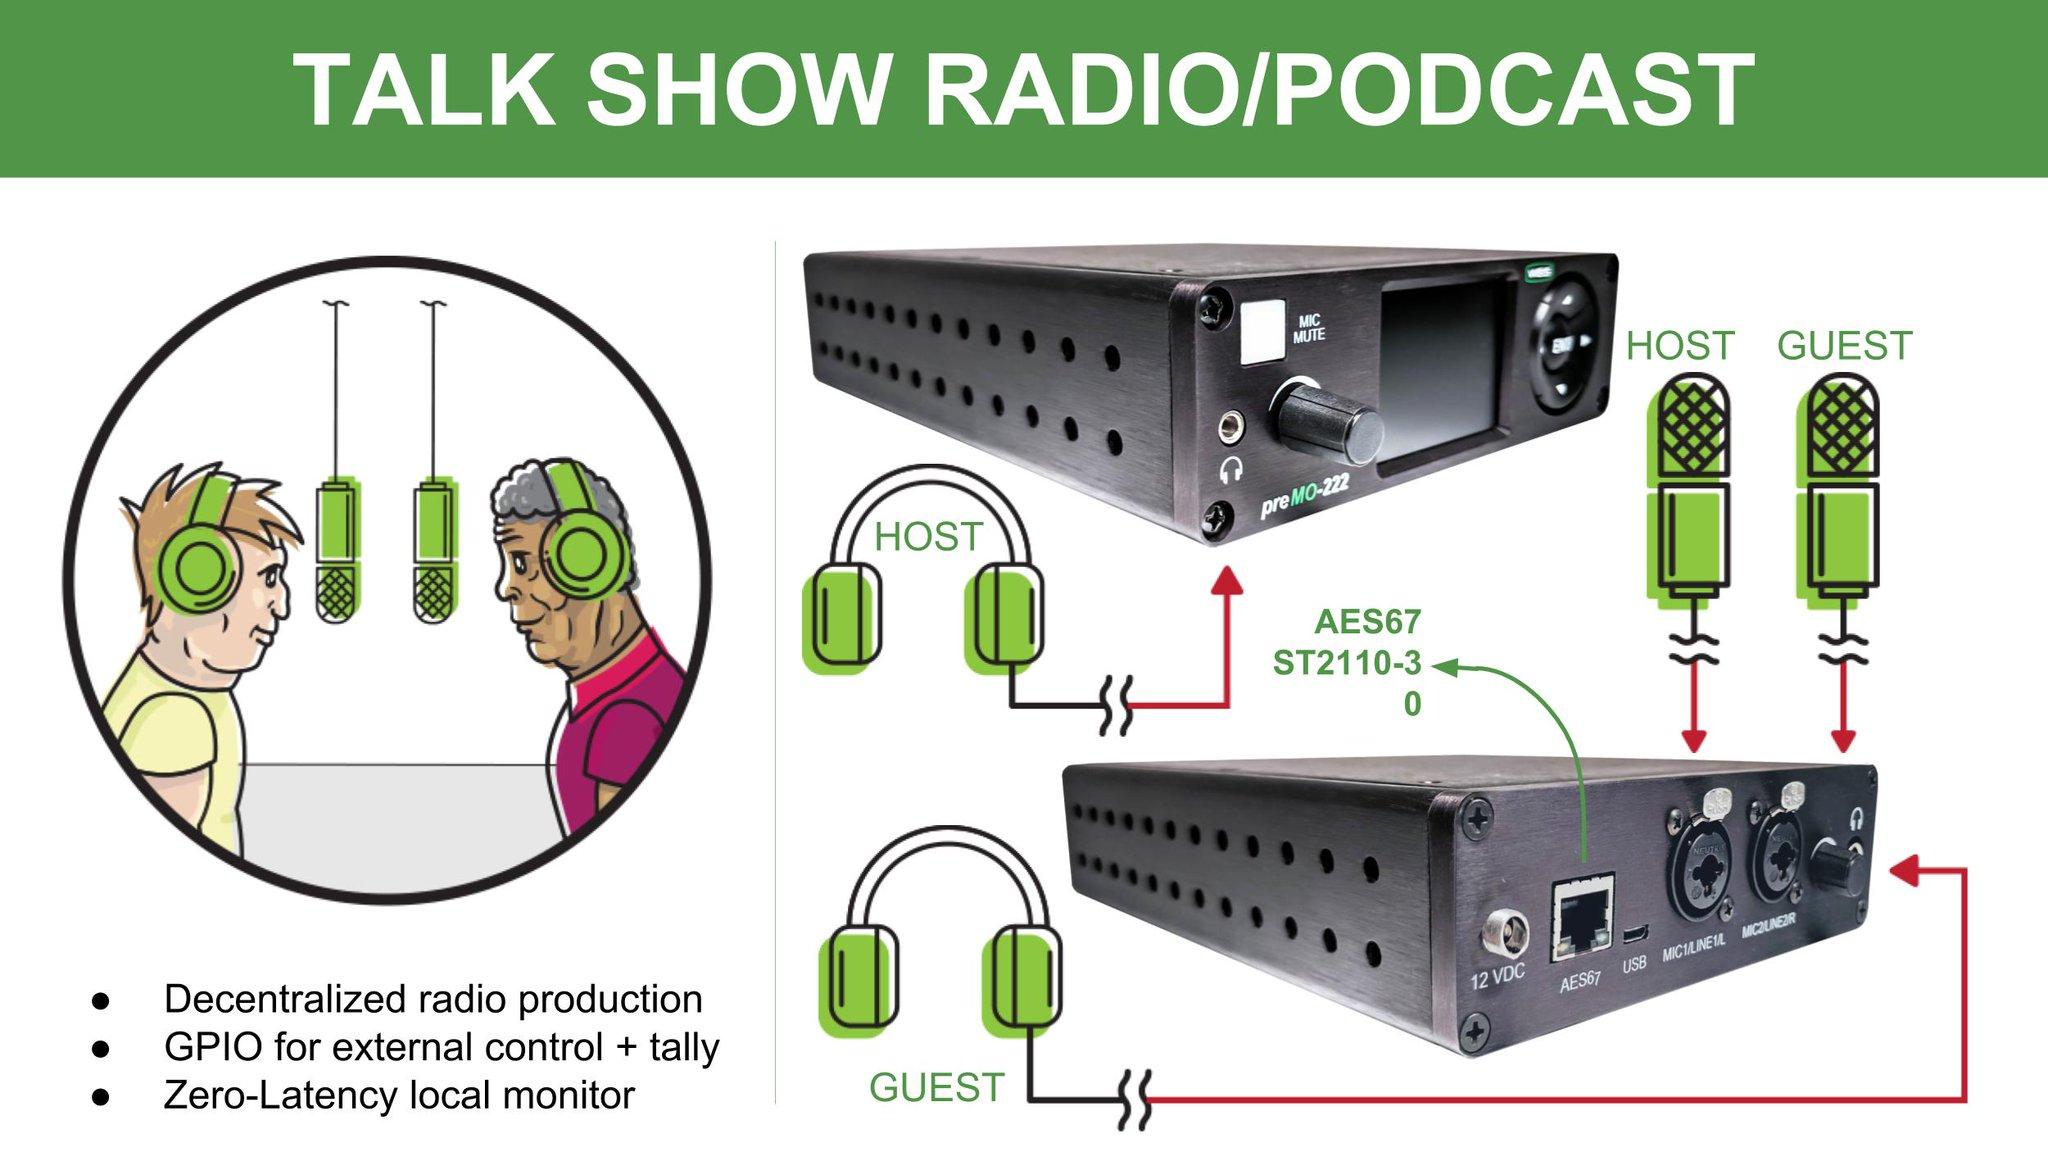 Premo-222 talk show radio setup